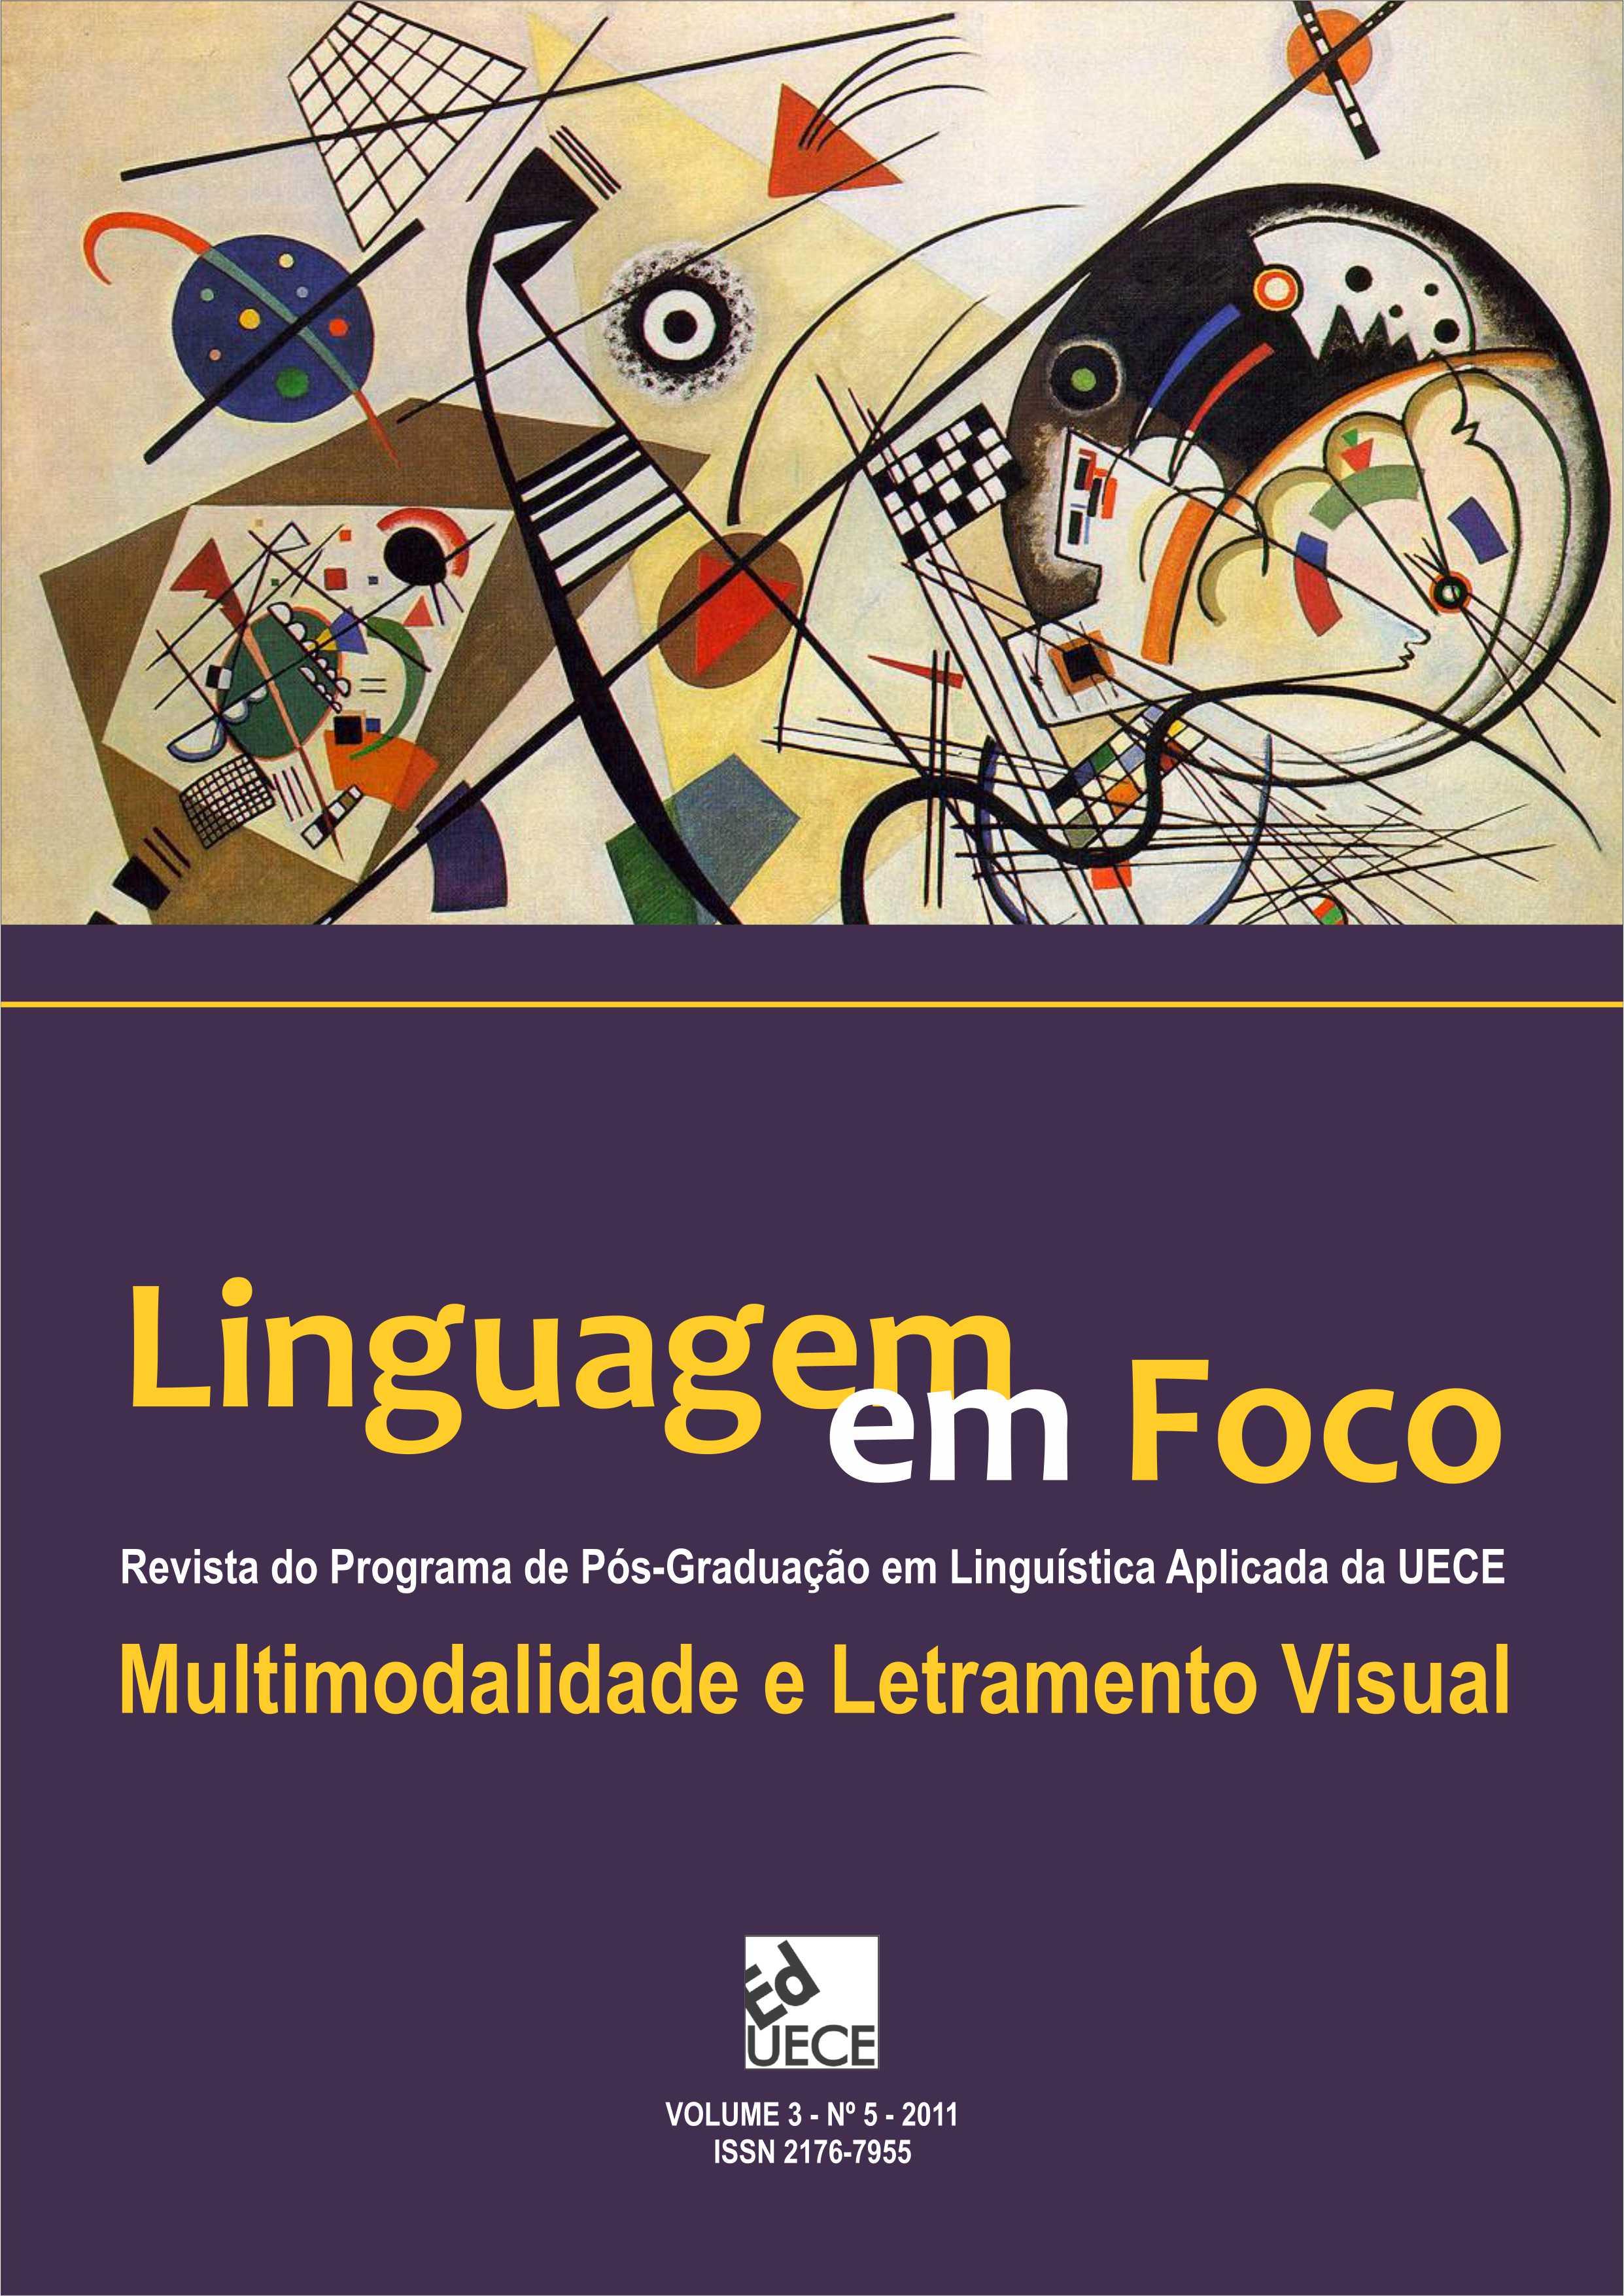 Visualizar v. 3 n. 5 (2011): Linguagem em Foco - Volume Temático: Multimodalidade e Letramento Visual